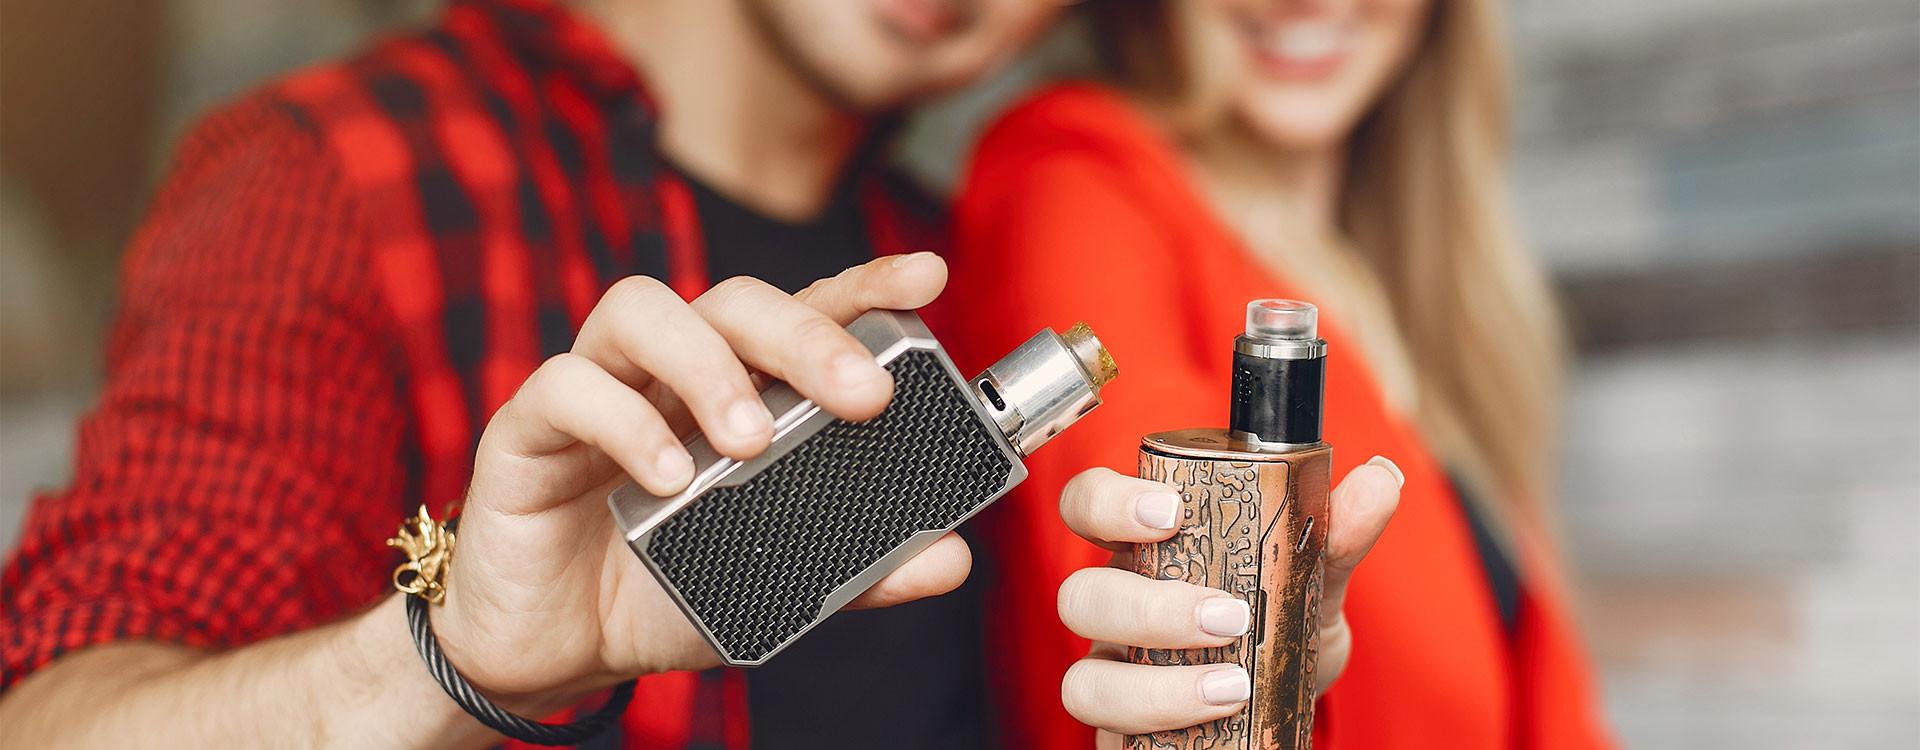 Les meilleurs conseils pour bien nettoyer le réservoir de votre cigarette électronique